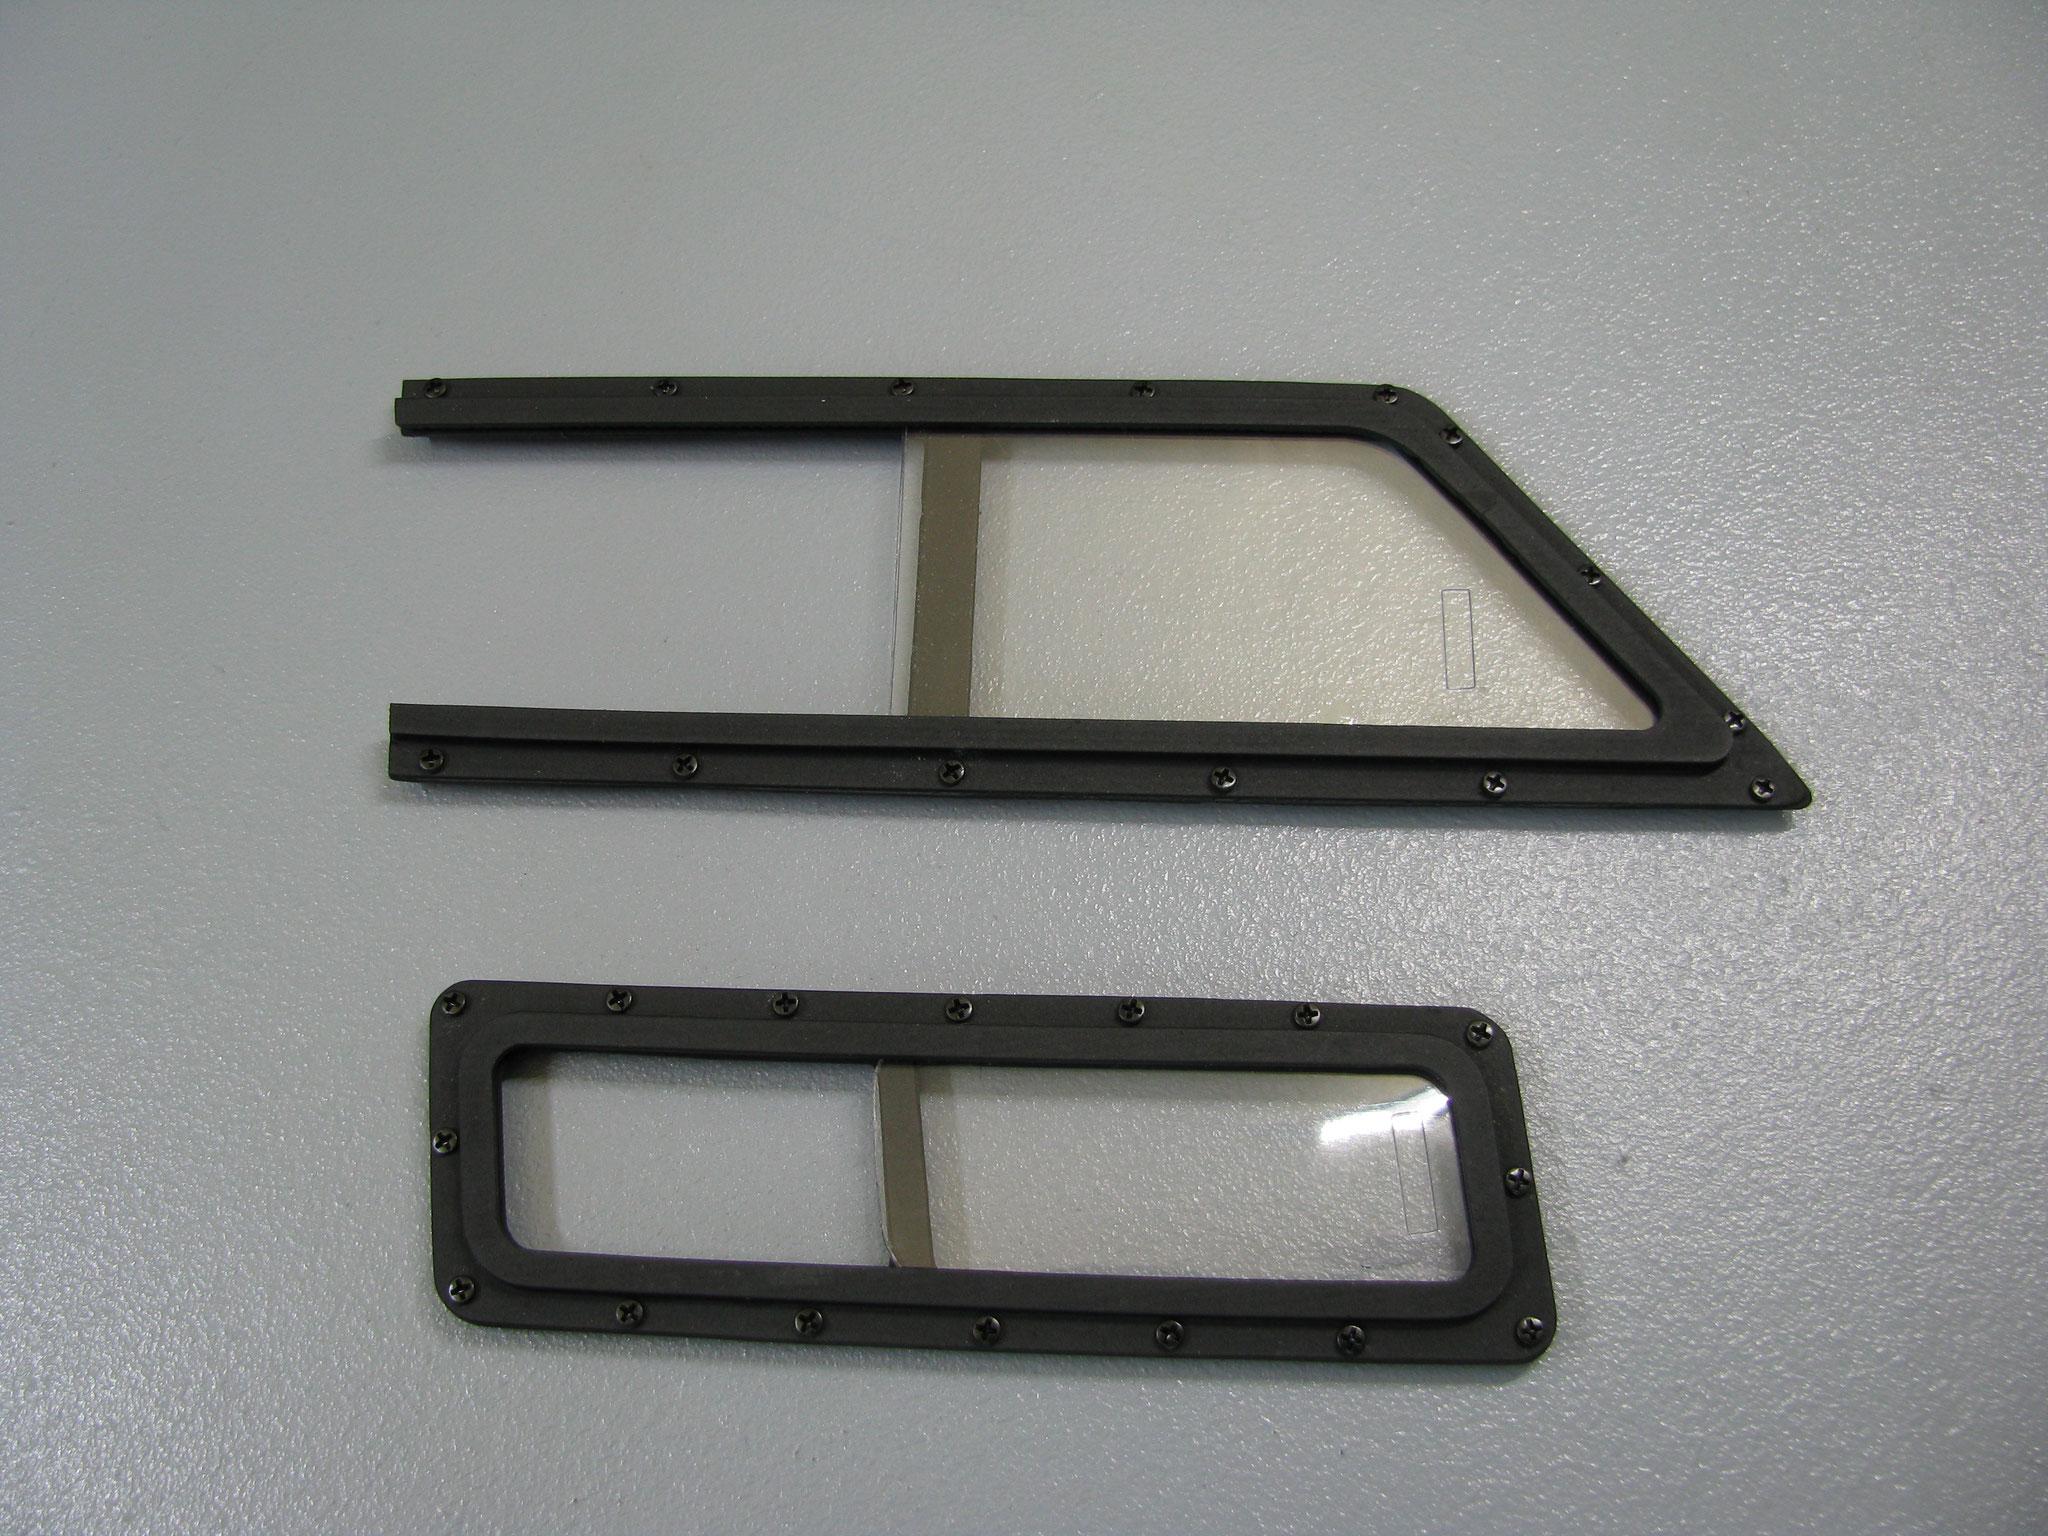 Funktionsfähige Schiebefenster für die ec135 in 1:6